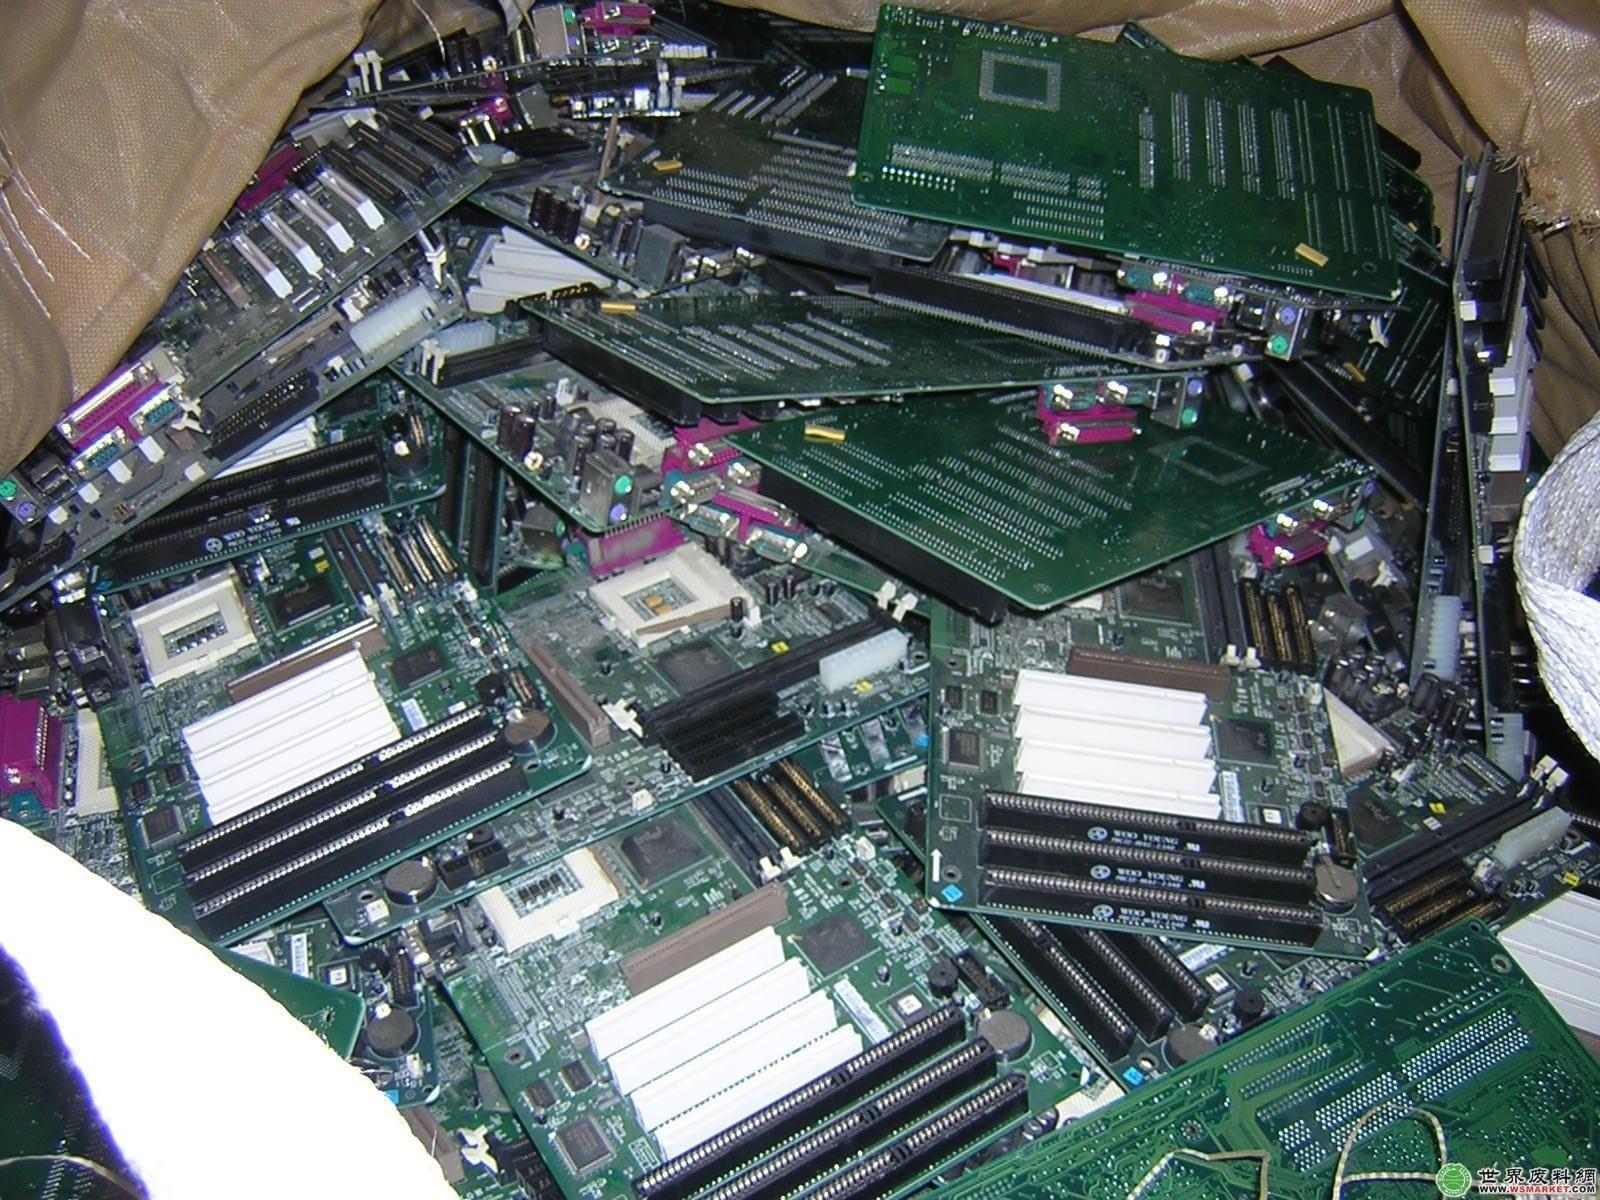 哈尔滨笔记本电脑回收 回收网吧电脑 电脑配件回收 线路板回收